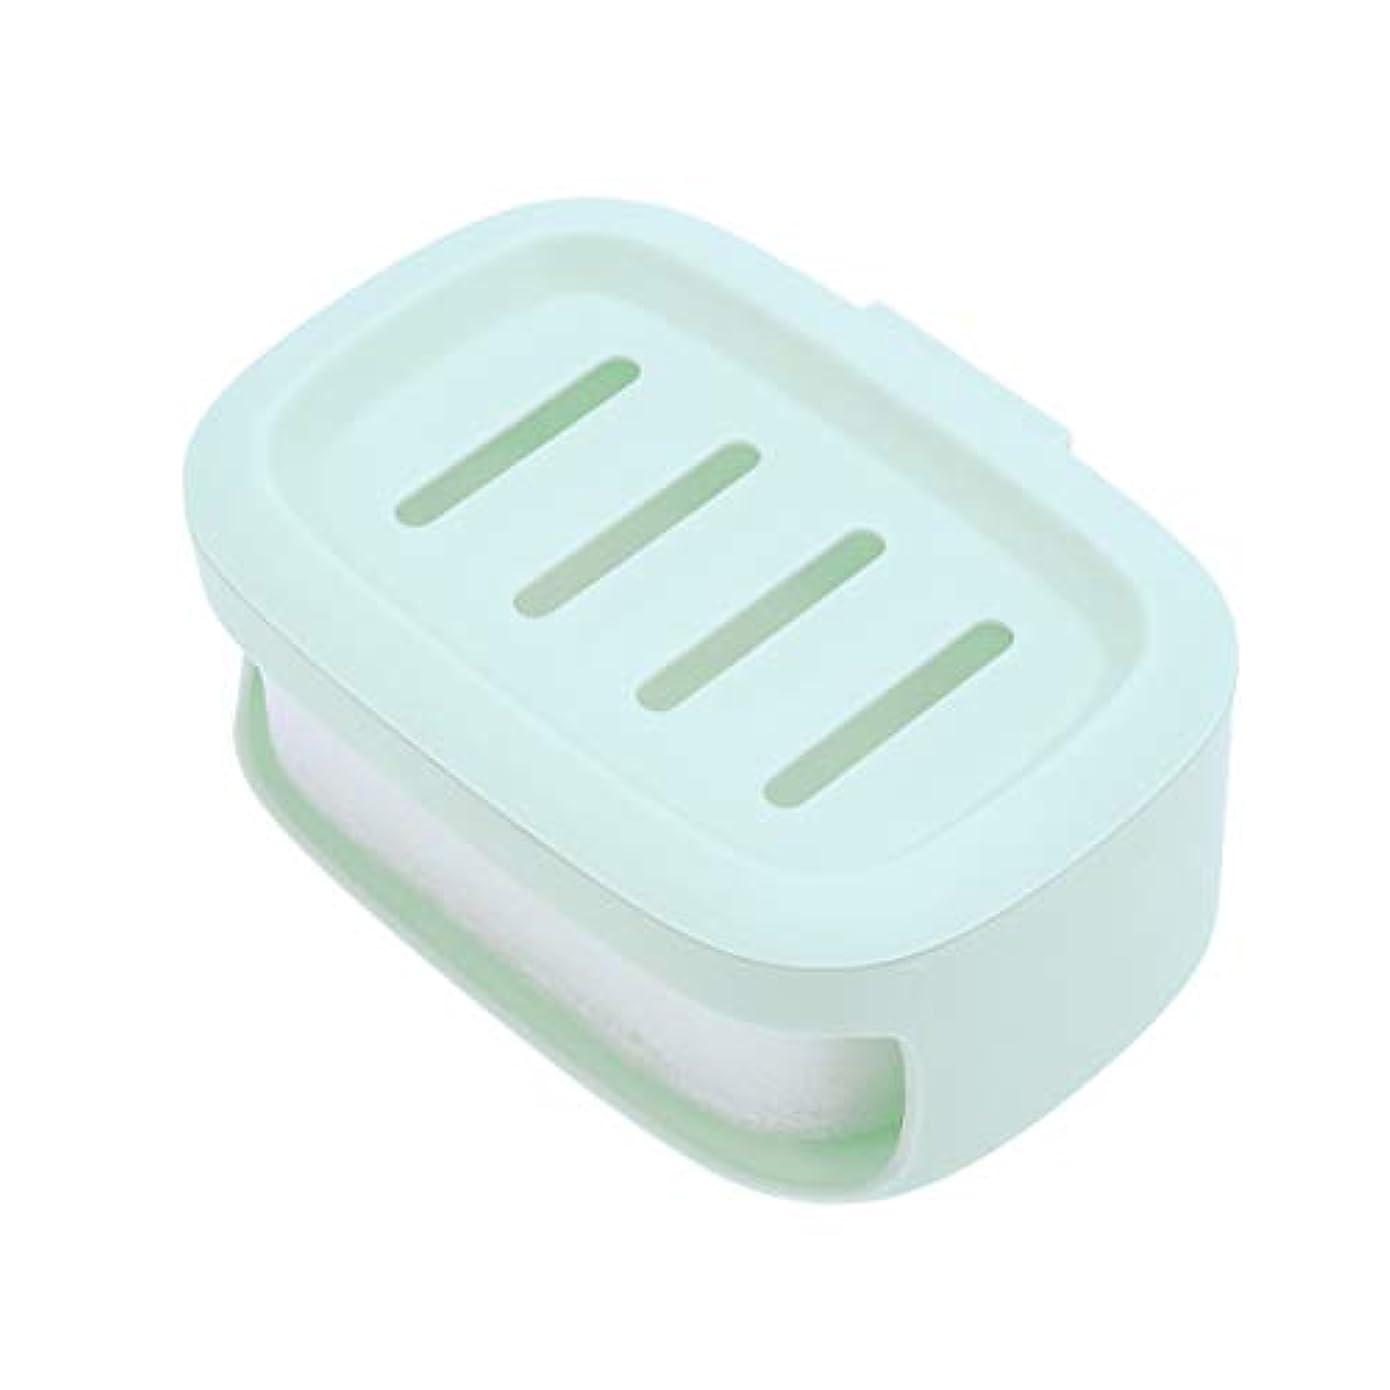 三グレード増幅Healifty ソープボックス防水シールソープコンテナソープホルダー(ライトグリーン)